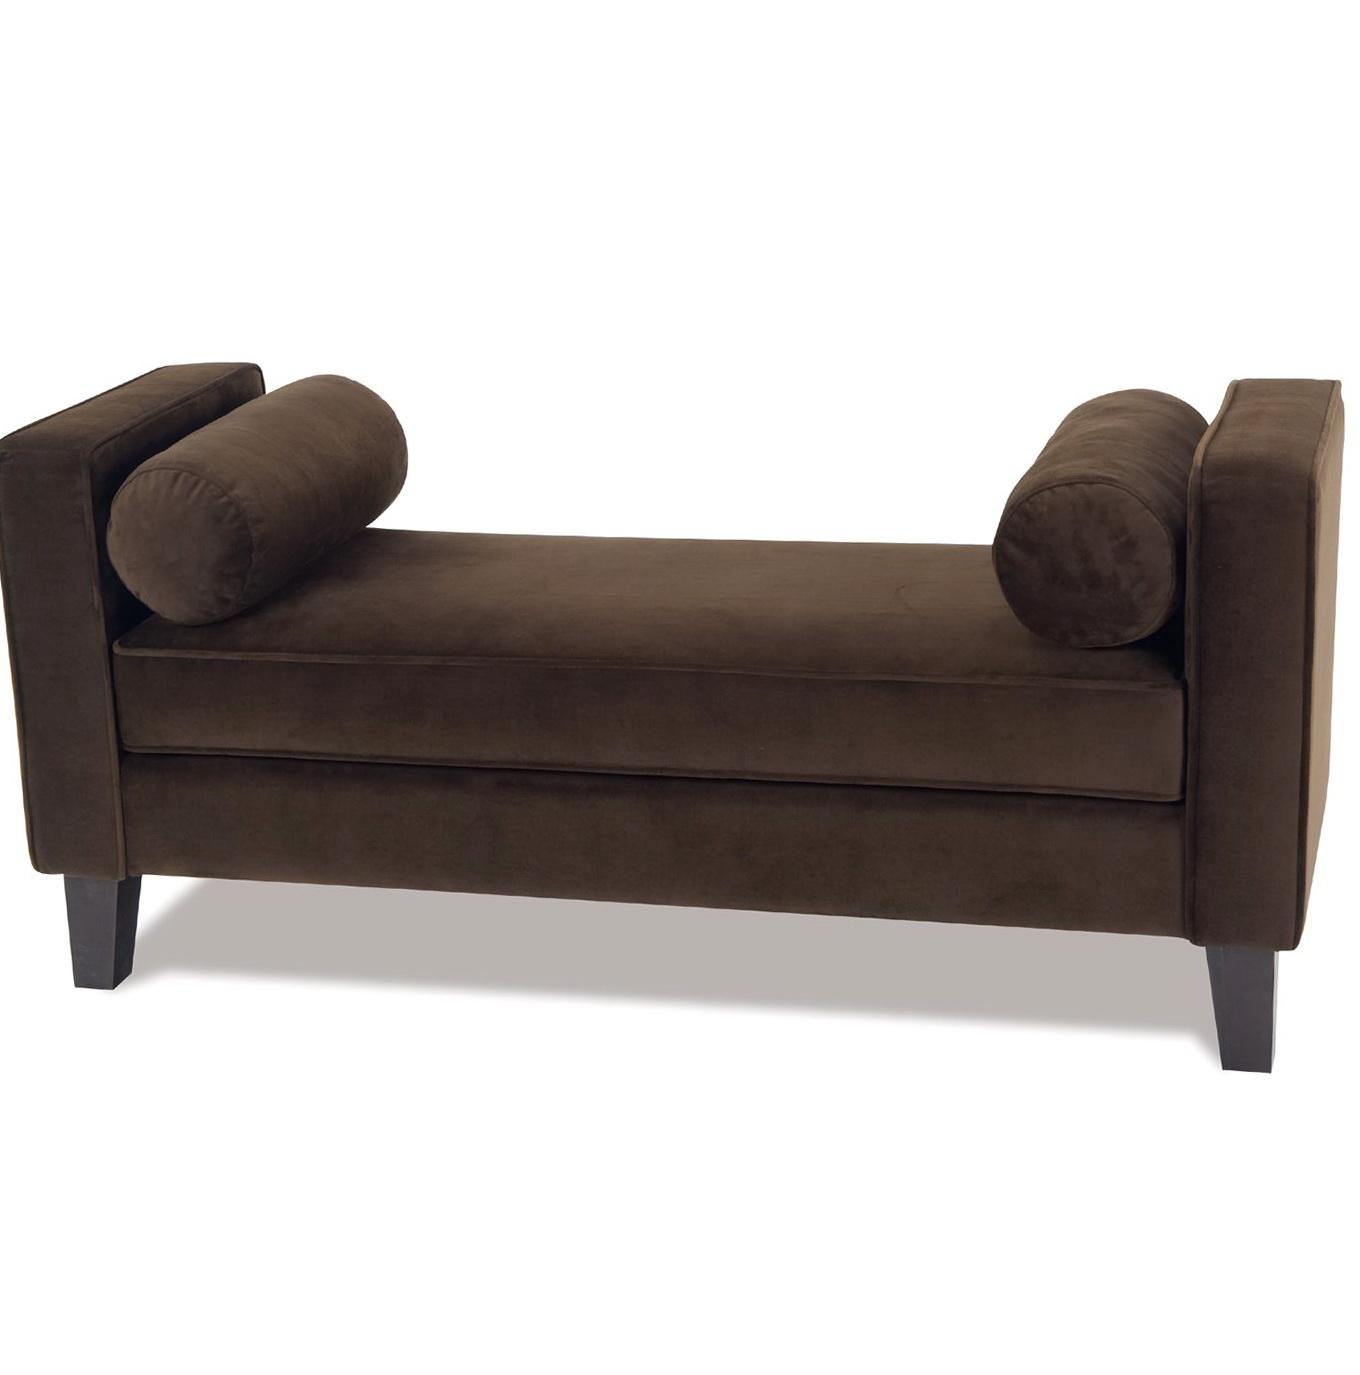 Bedroom Bench Seats Uk